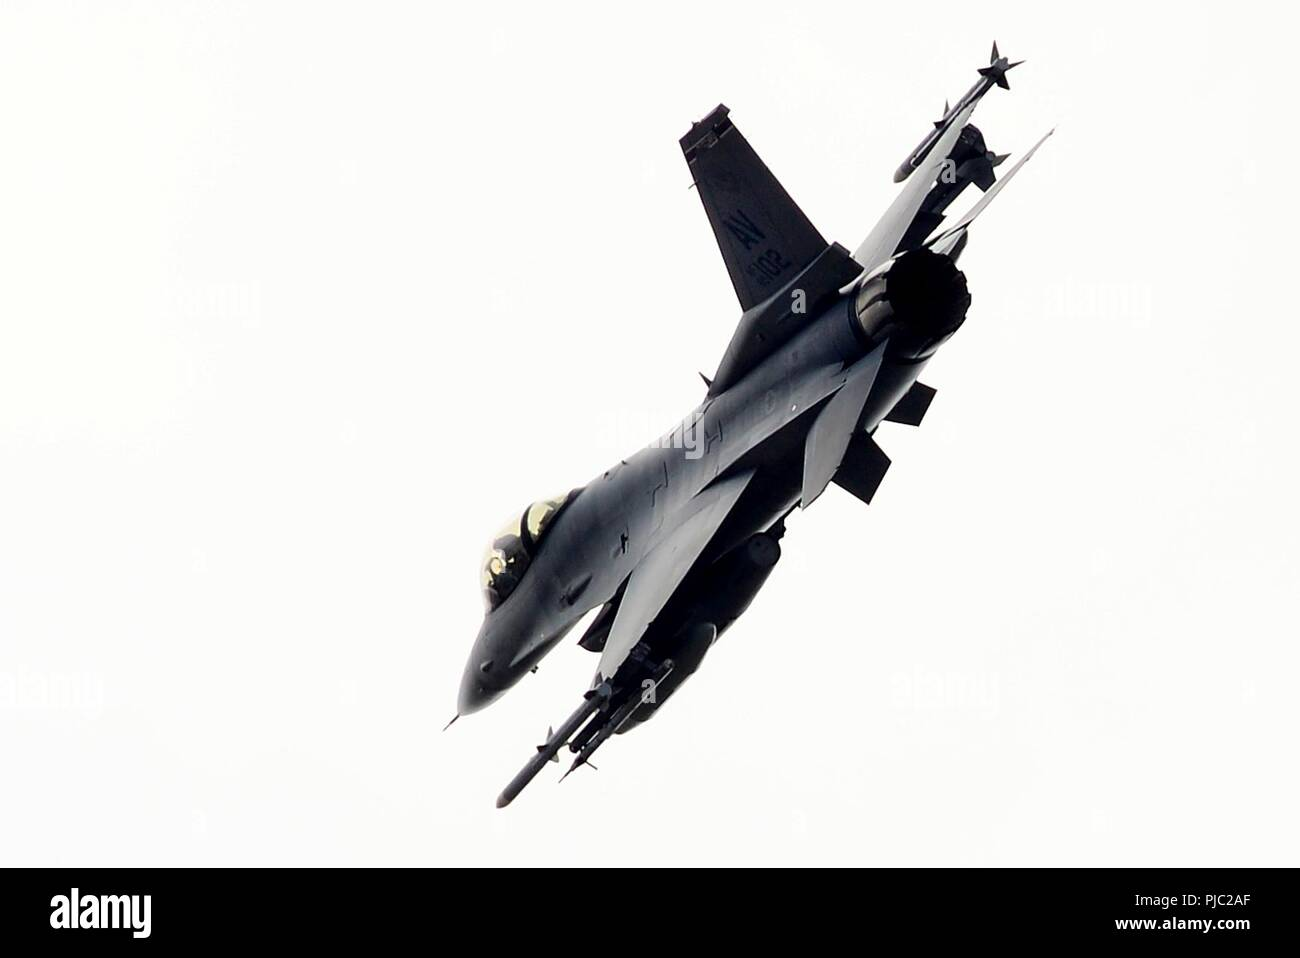 Eine F-16C Fighting Falcon ab der 31 Fighter Wing, 510th Fighter Squadron, Aviano Air Base, Italien fliegt über Royal Air Force Lakenheath, England, 20. Juli 2018. Die 510Th FS sind die Teilnahme an einem bilateralen Schulungsveranstaltung zur Verbesserung der Interoperabilität, halten gemeinsame Bereitschaft und unsere regionalen Verbündeten und Partnern beruhigen. Stockfoto